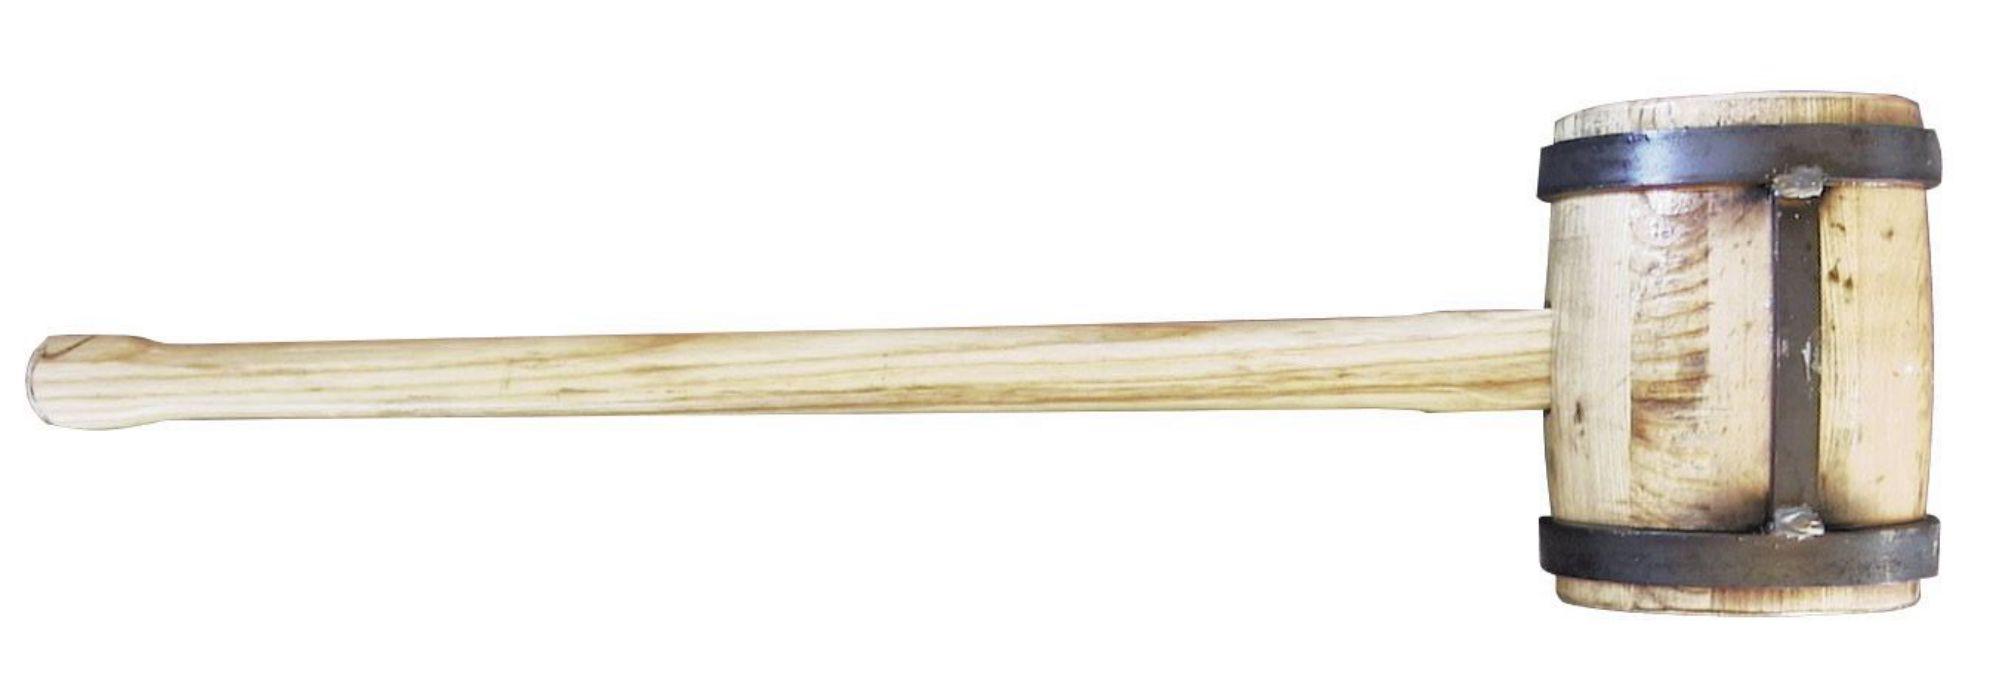 Holzschlegel Holzhammer 6 kg mit angeschwei/ßtem Flacheisen